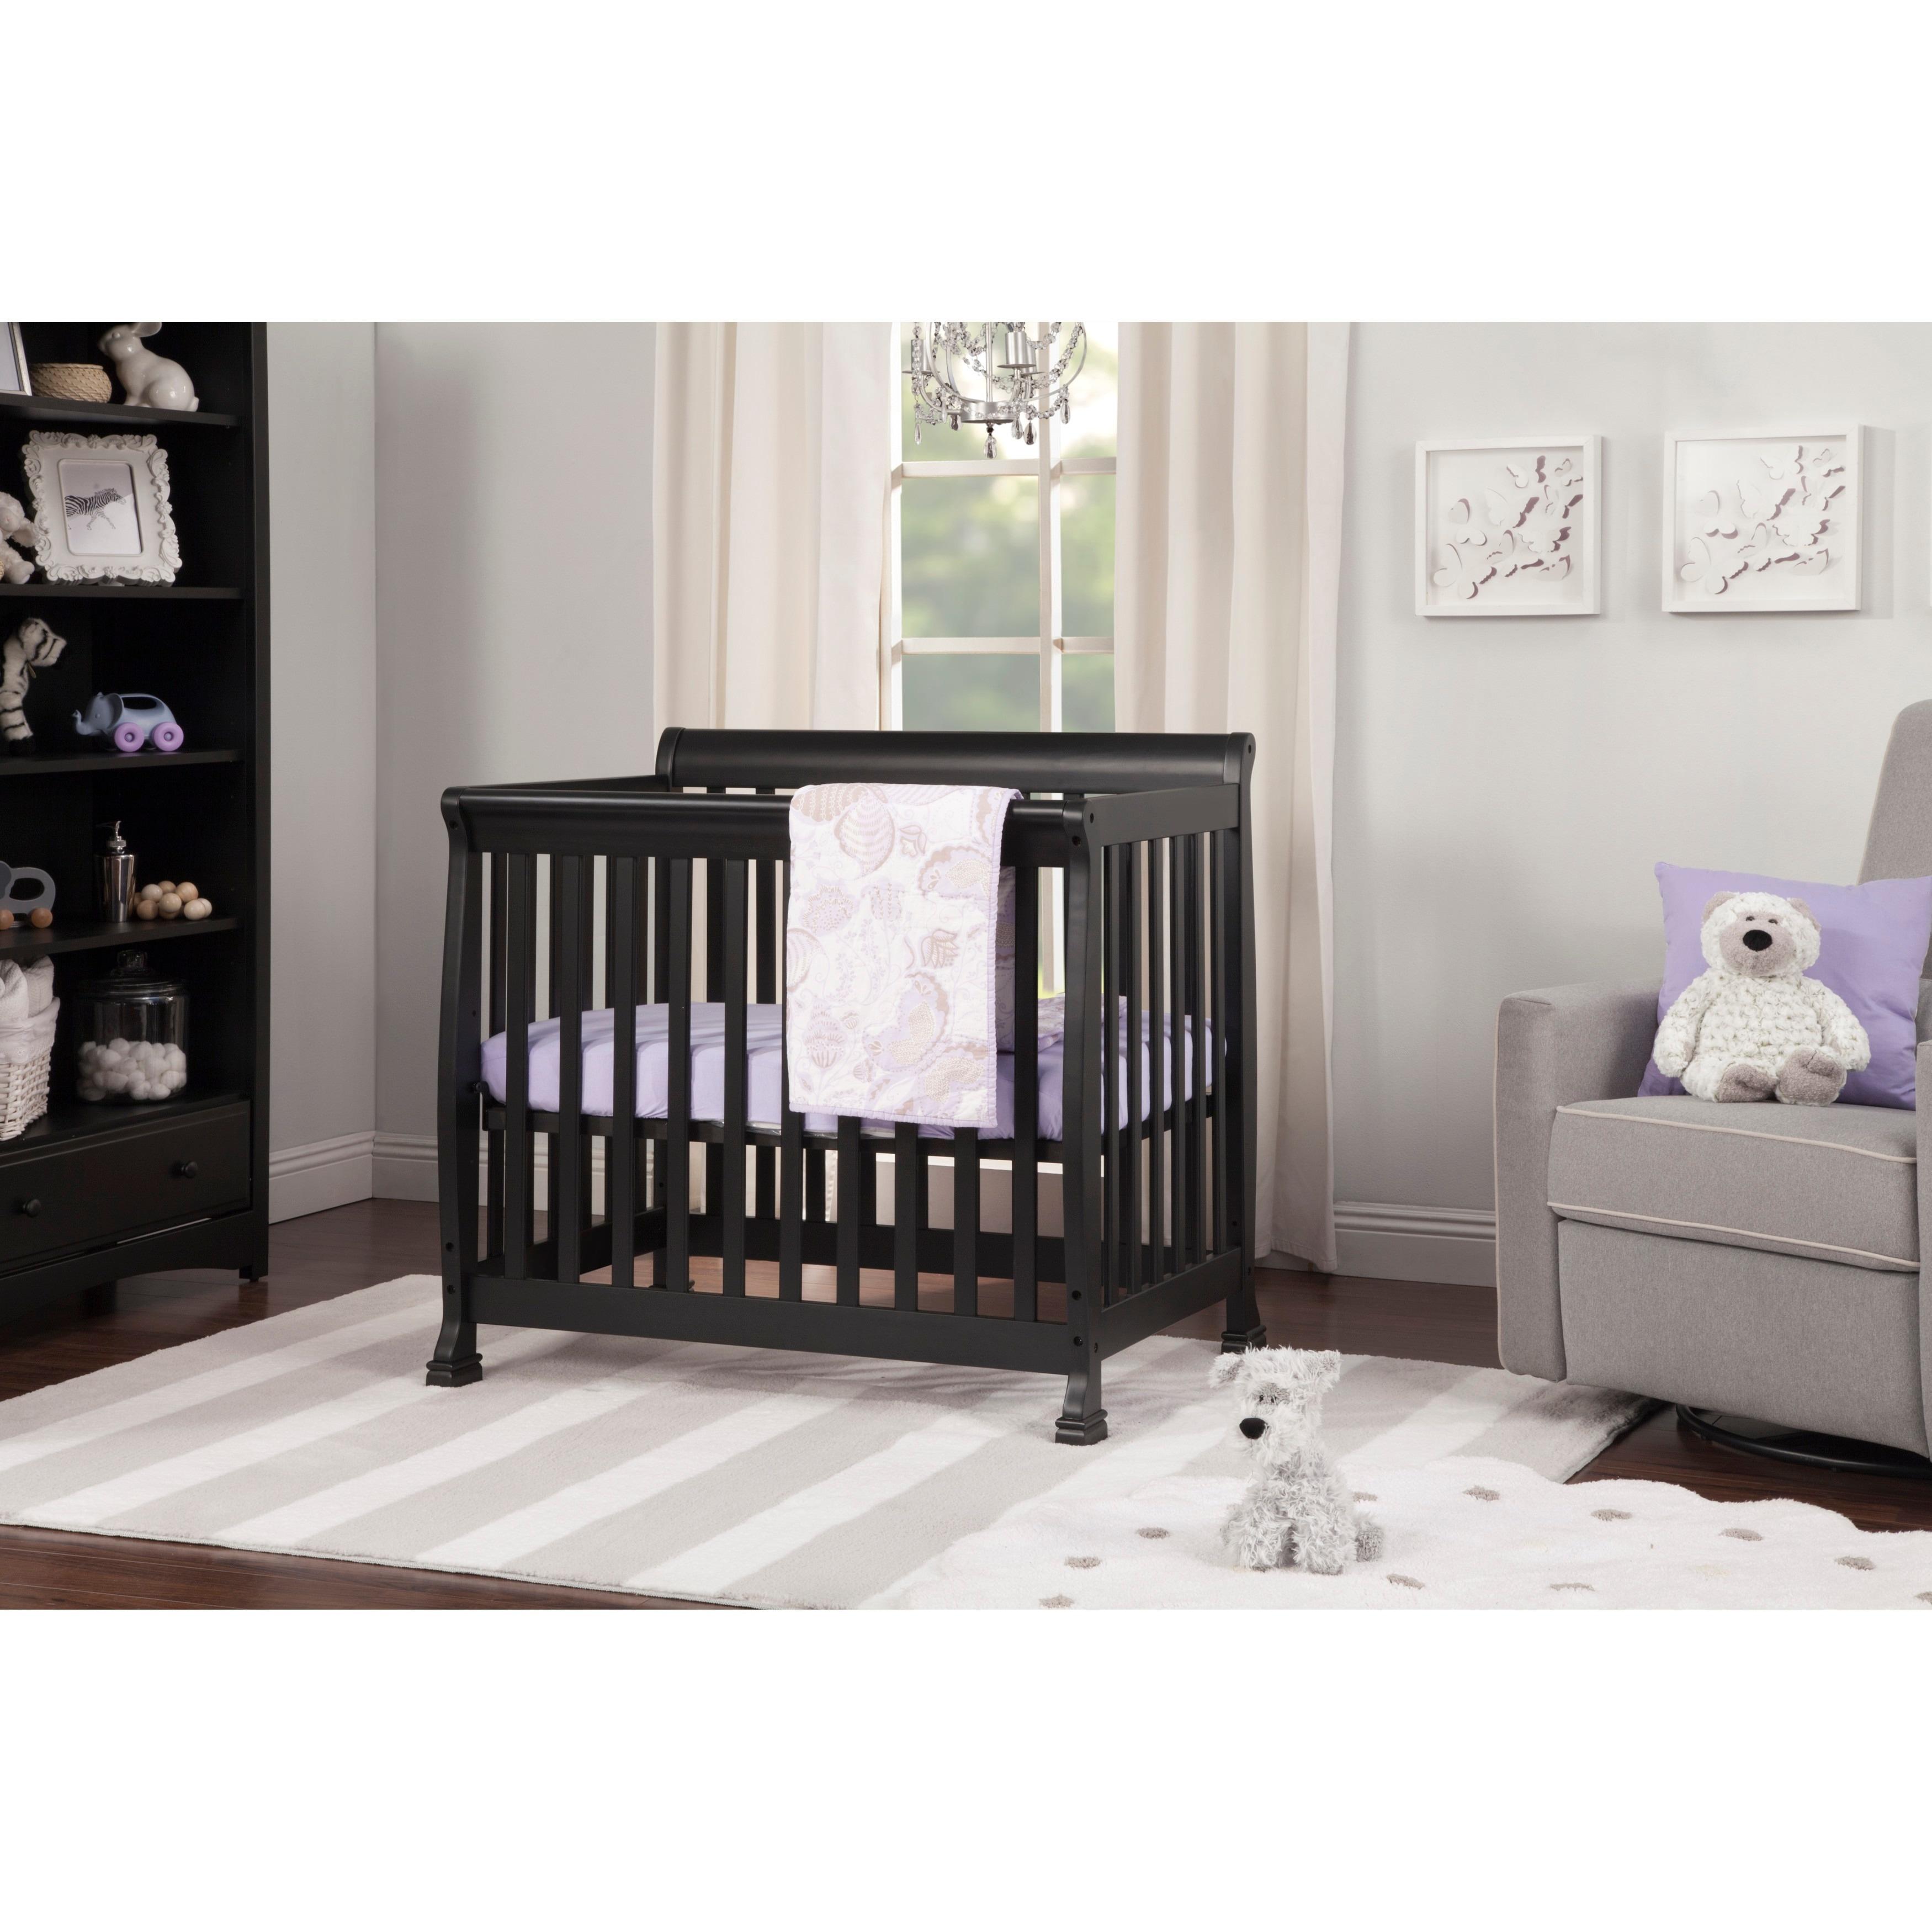 davinci kalani 2 in 1 mini crib and bed free shipping today